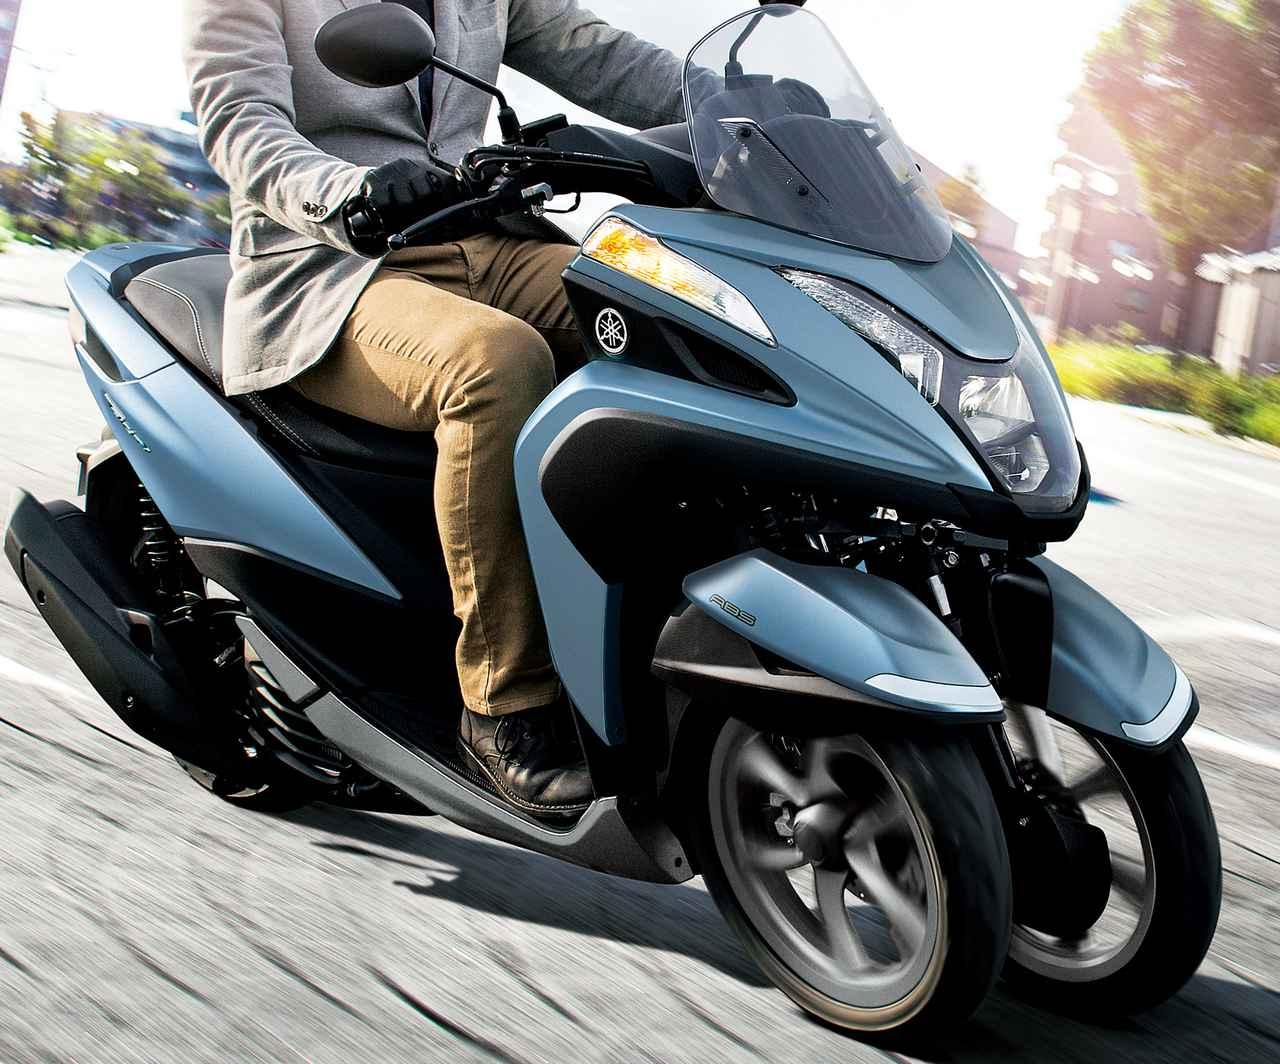 いまイチオシの原付二種125cc通勤スクーター【ヤマハ編】三輪だから雨の日も超安心「トリシティ125」